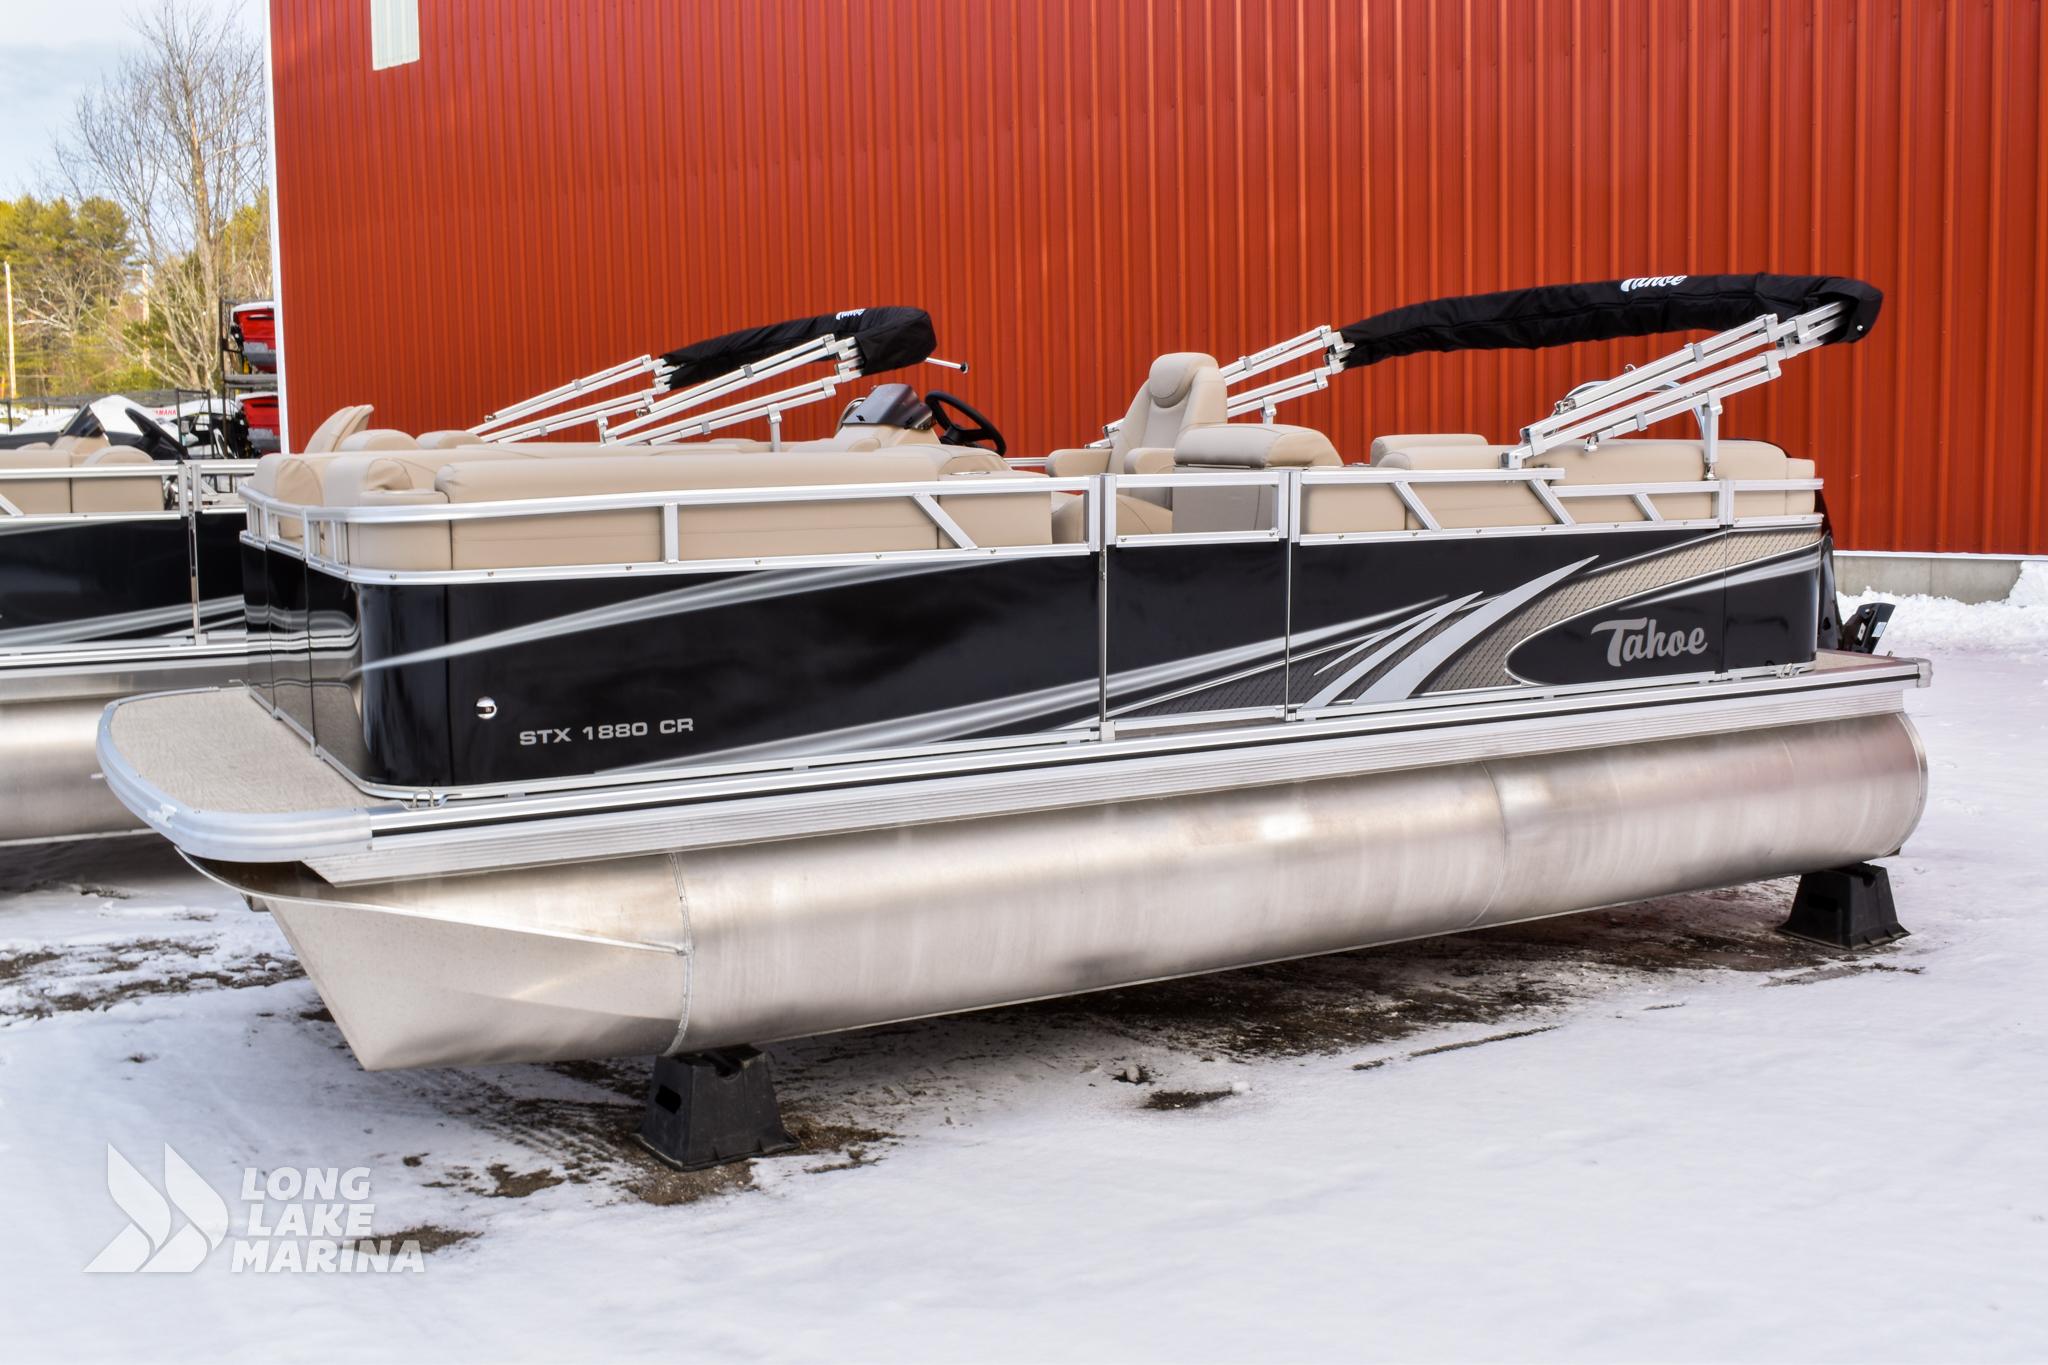 2021 Tahoe STX Cruise Carina Neutra